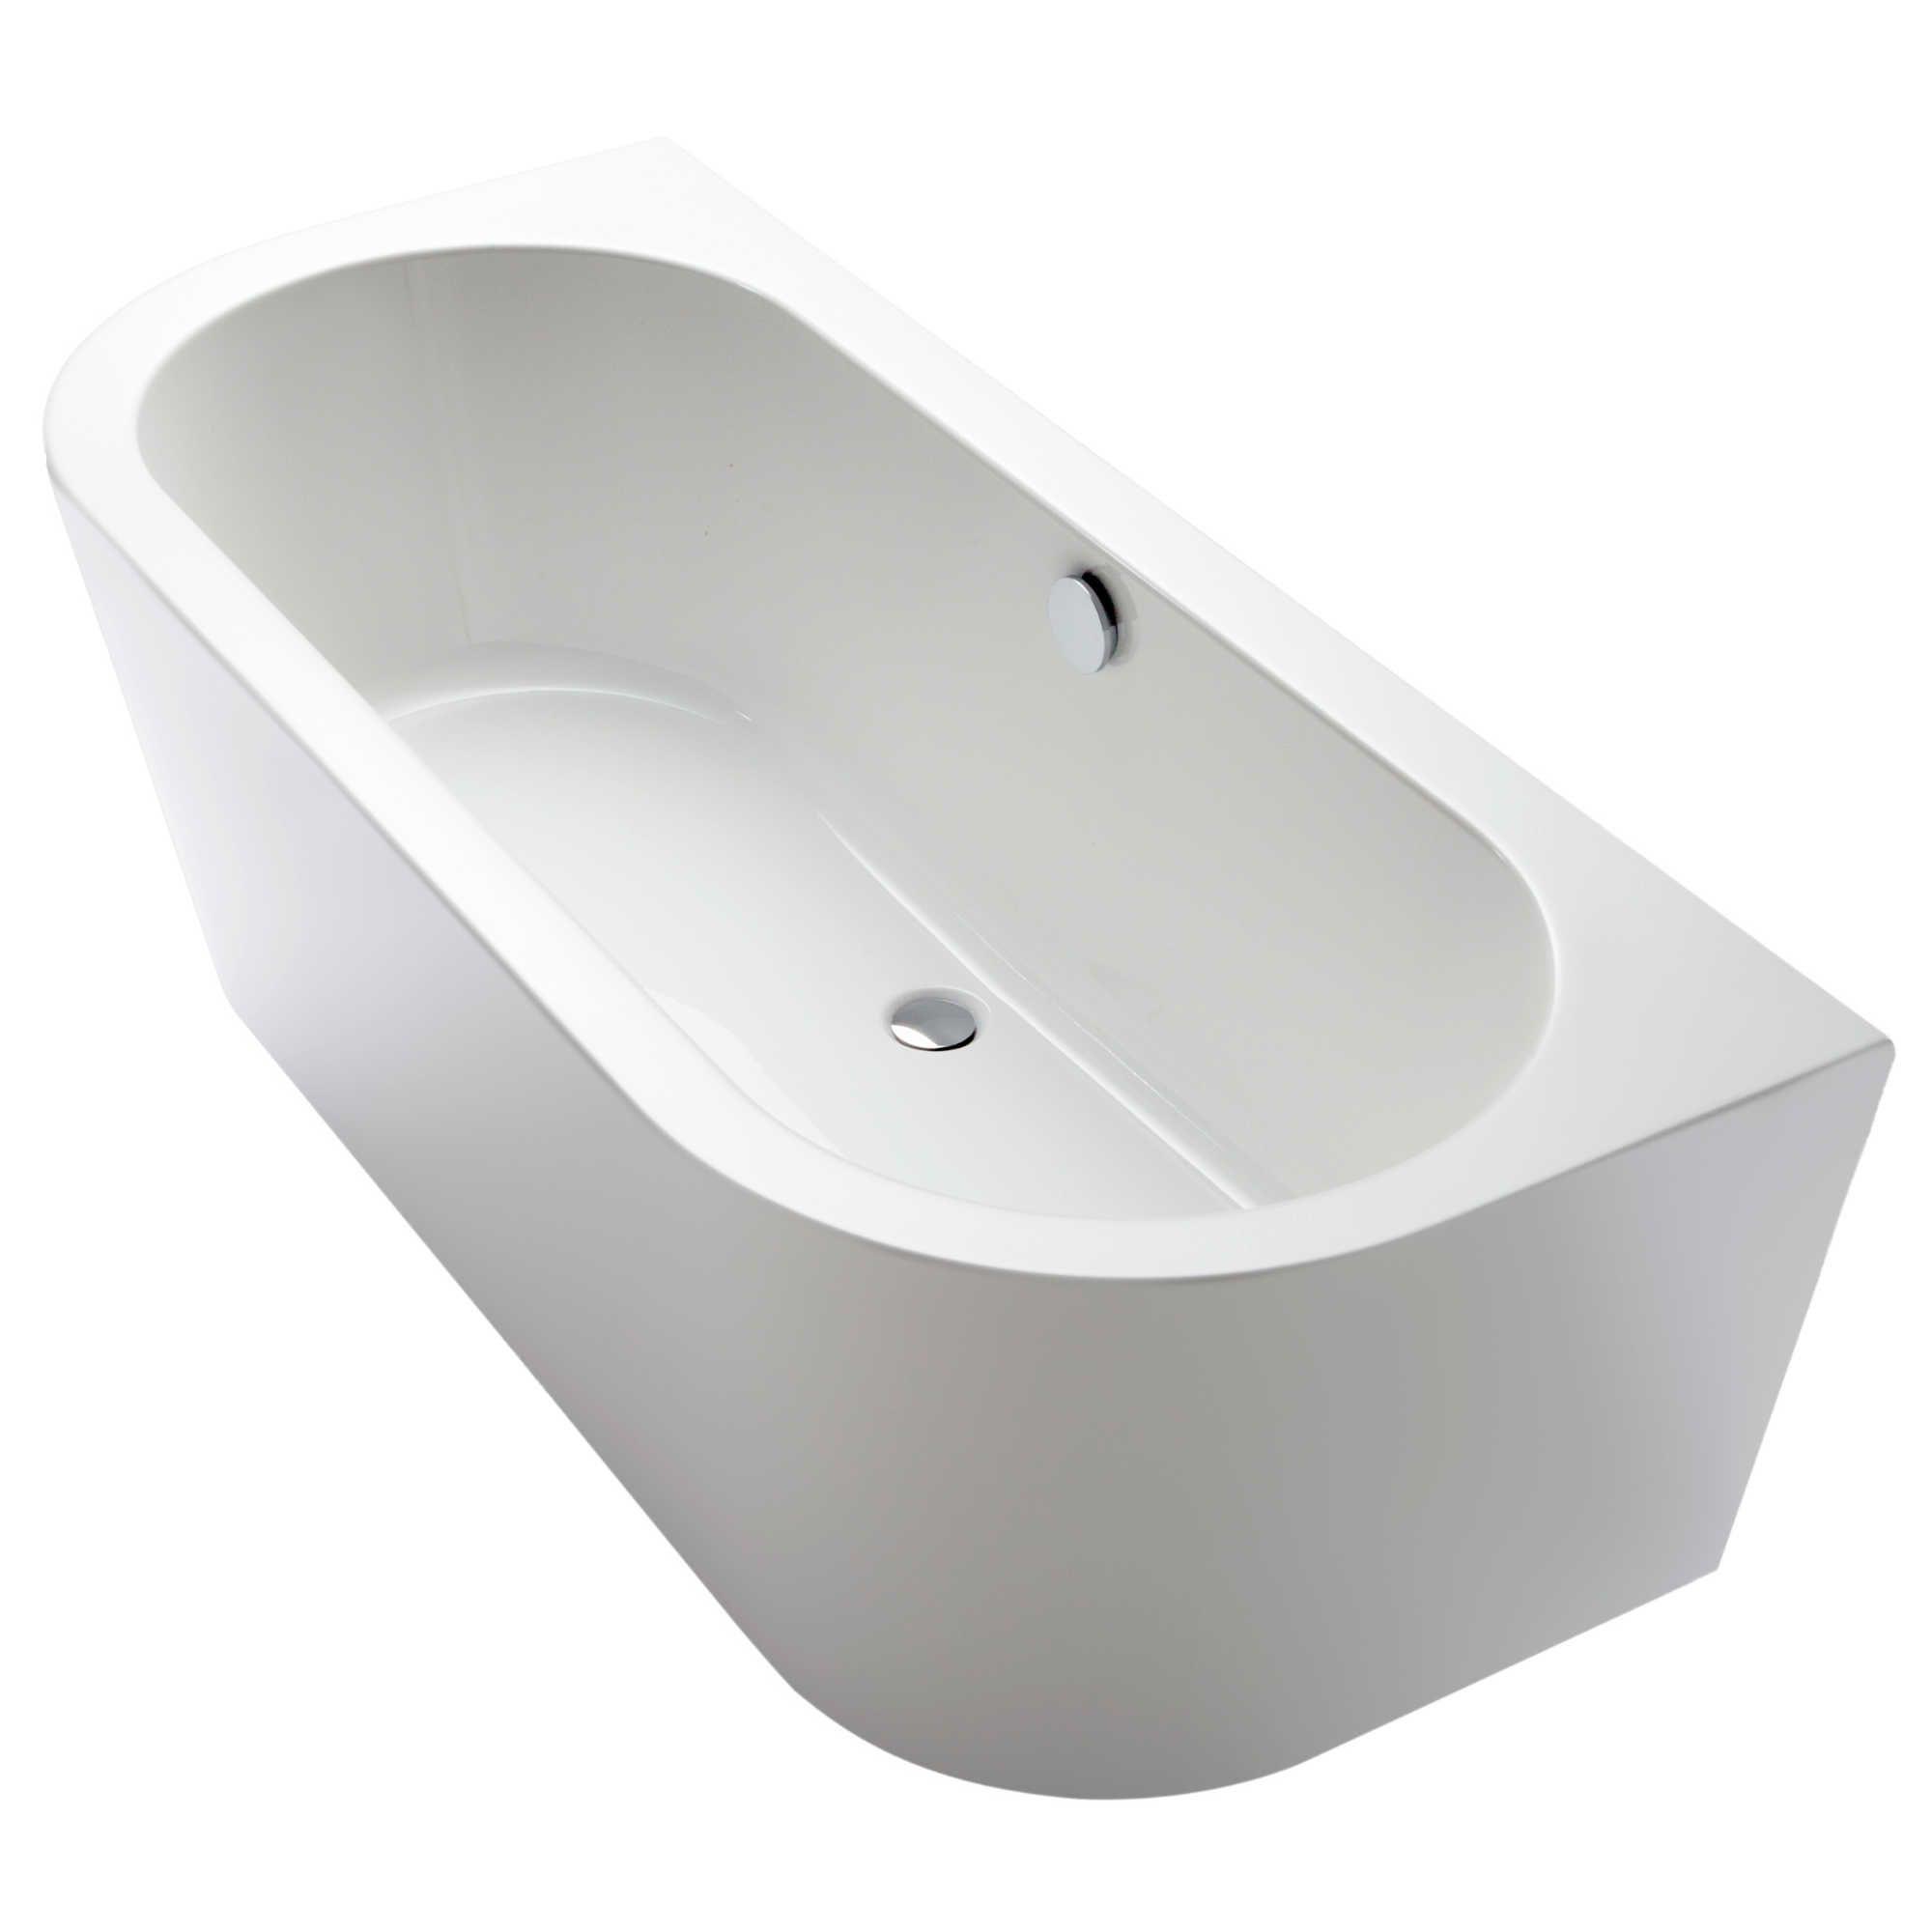 Design Freistehende Badewanne Acrylwanne Standbadewanne Ablauf 170 180x80cm Ebay Freistehende Badewanne Badewanne Wc Design